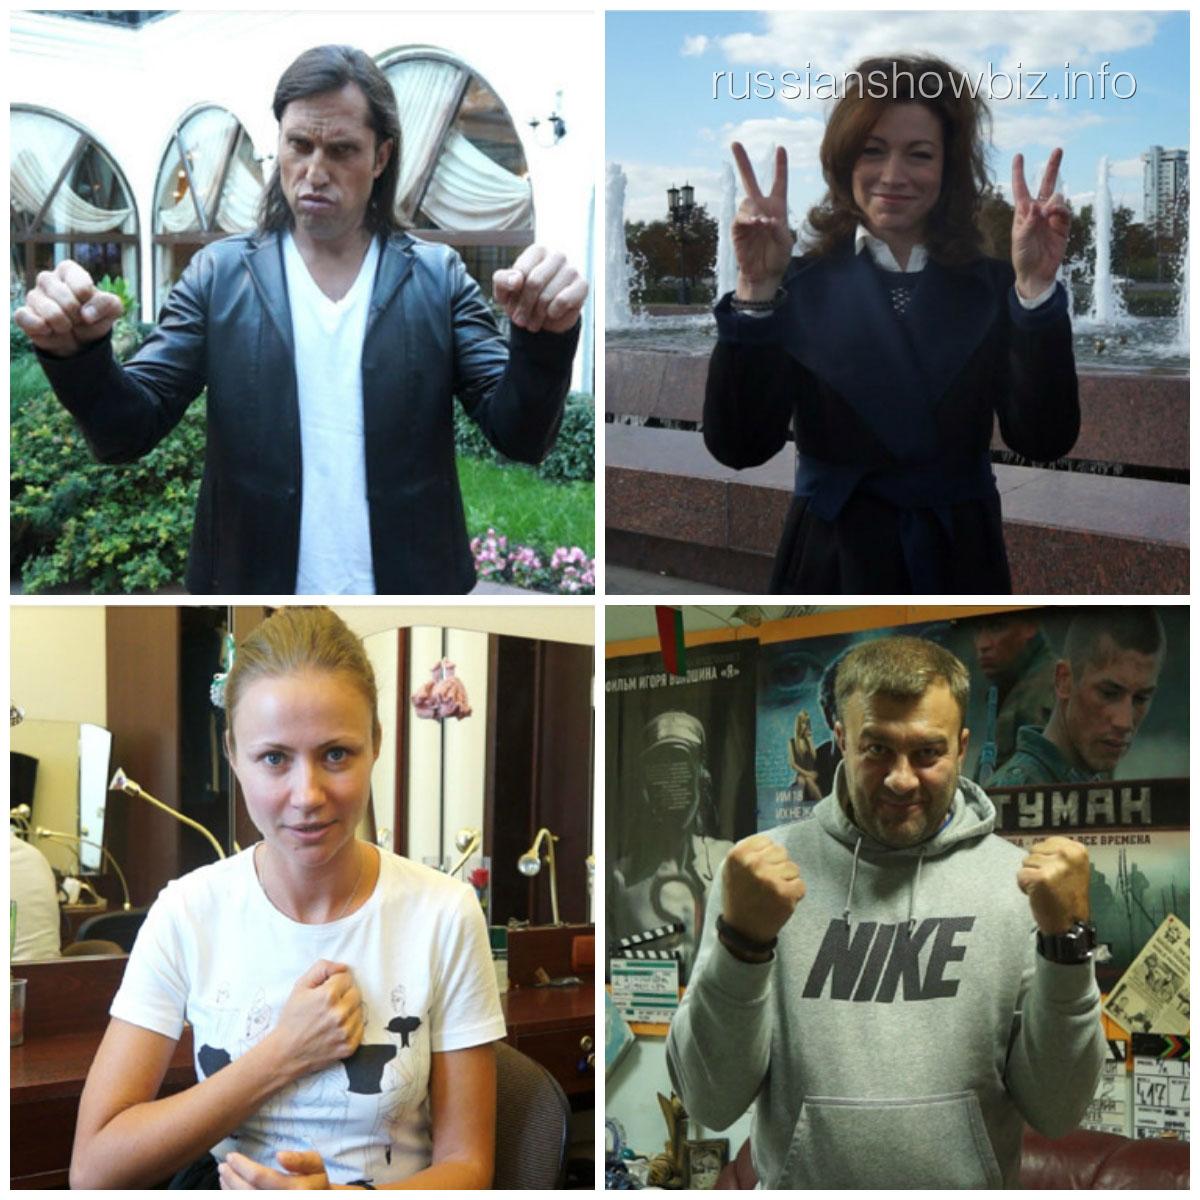 Александр Ревва, Алена мельницкая, Мария Миронова и Михаил Пореченков